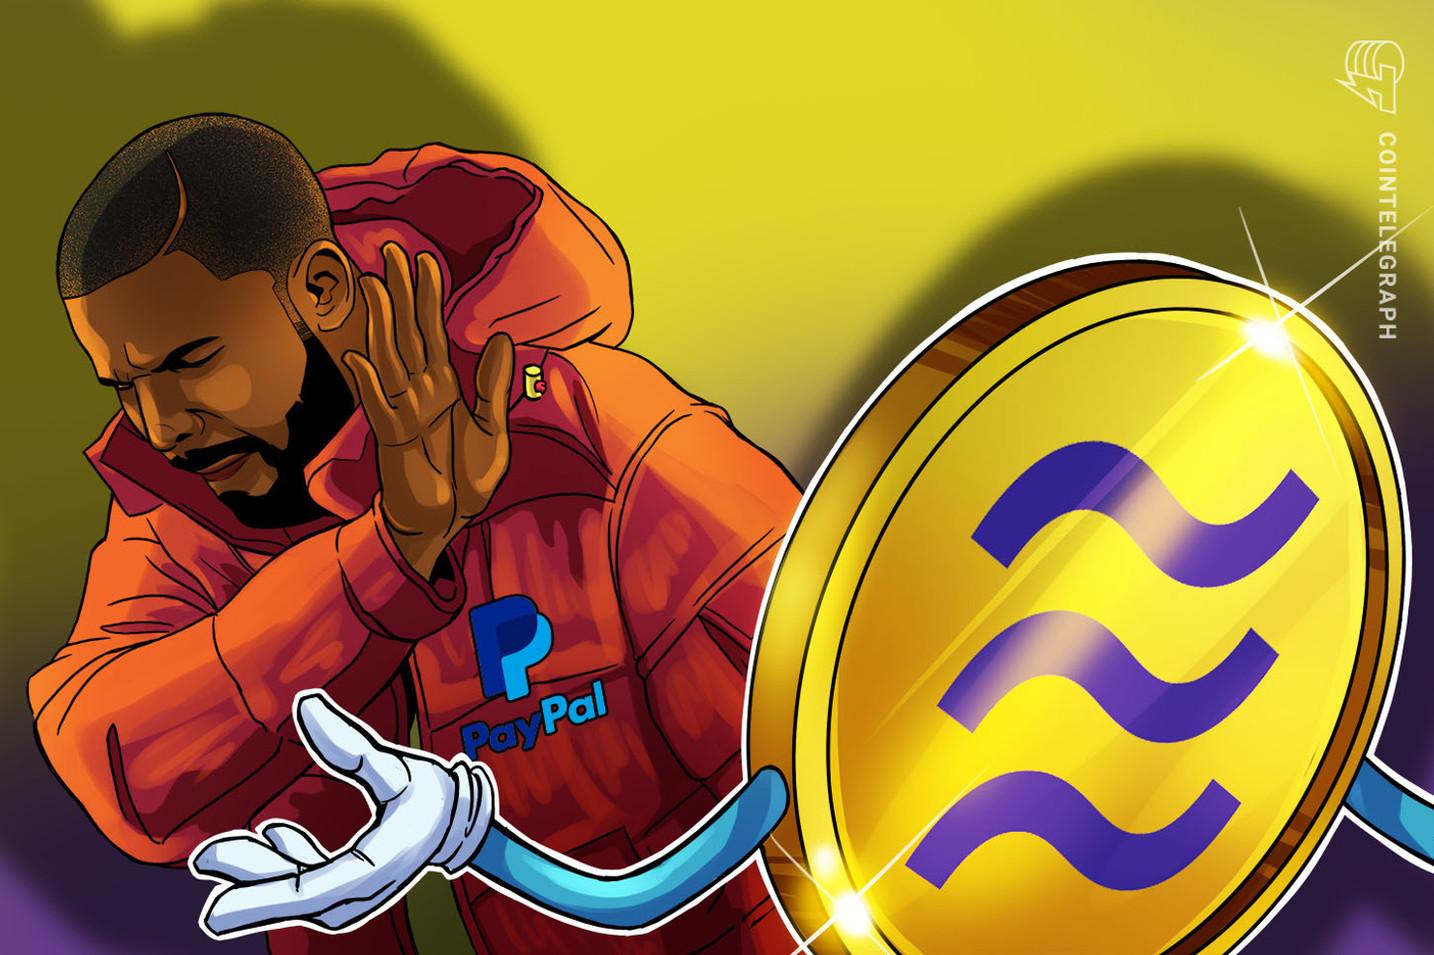 米ペイパル、リブラ協会参加を正式に見送り フェイスブックの独自仮想通貨に痛手